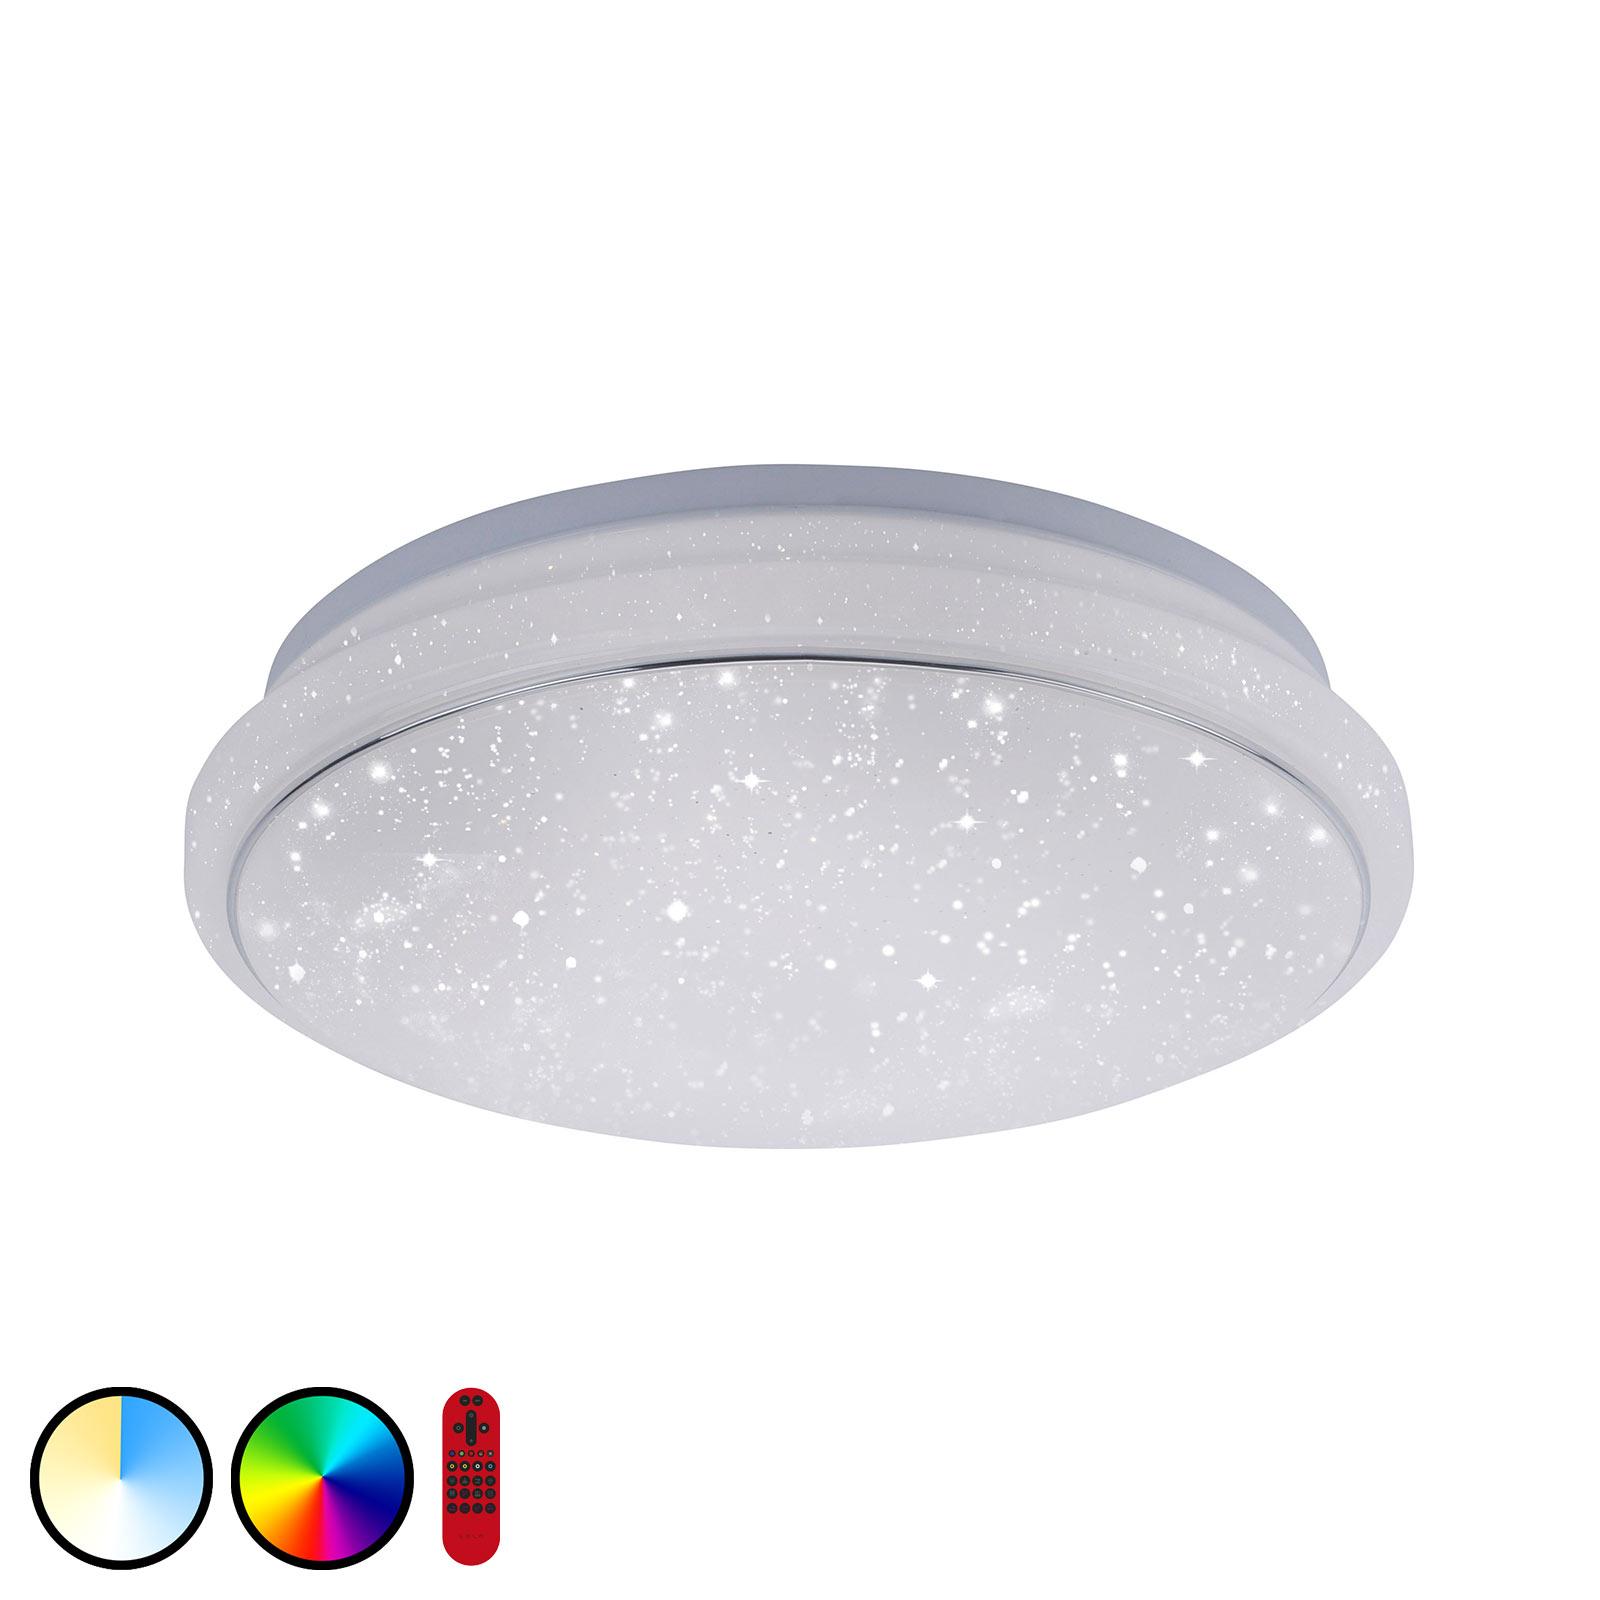 Lampa sufitowa LED LOLAsmart Jupi, Ø 35 cm